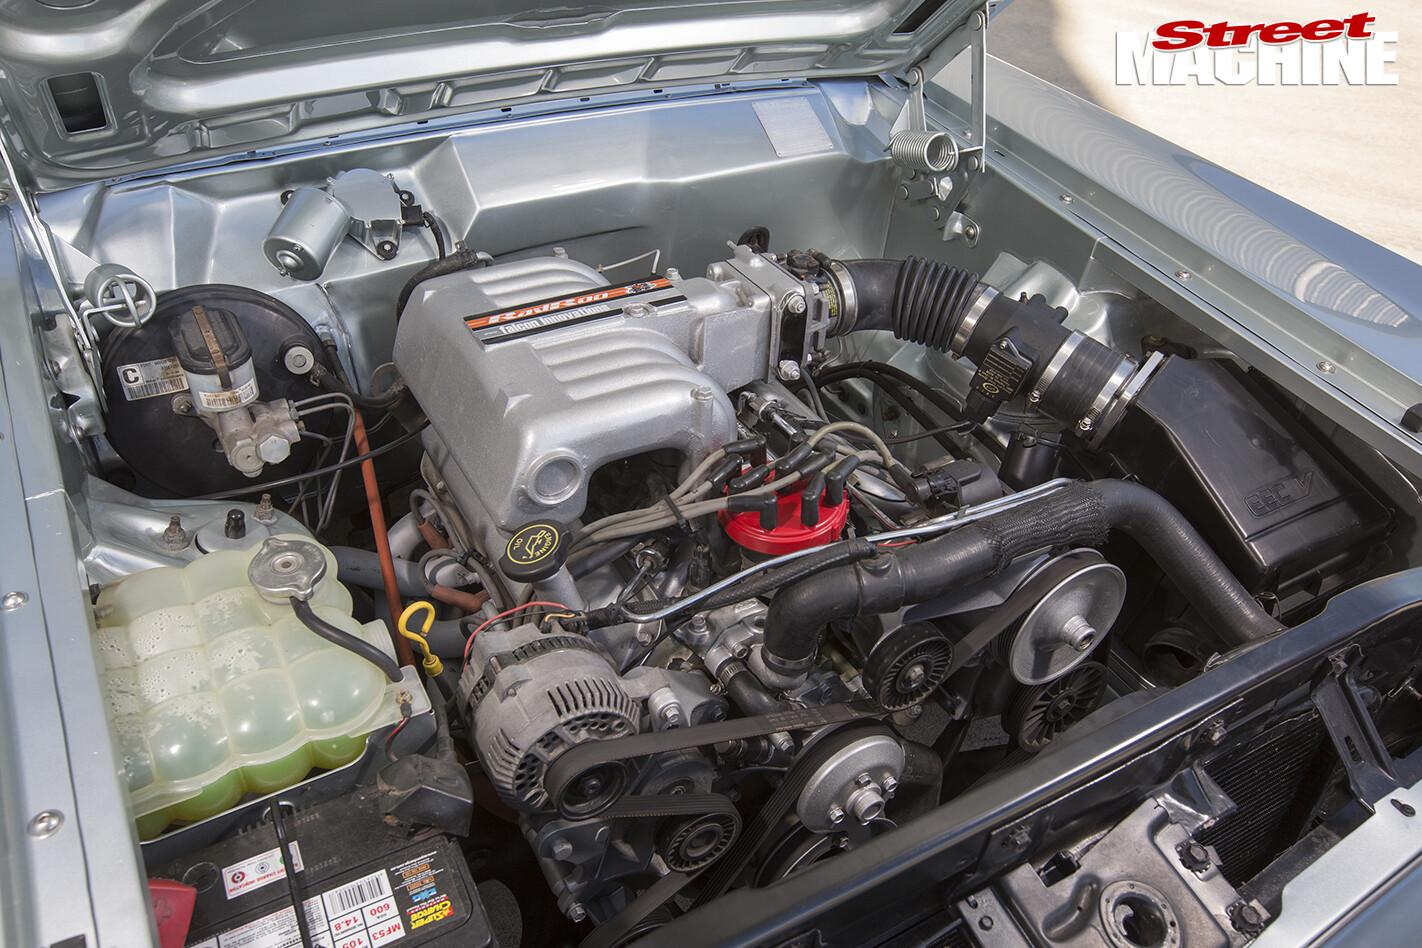 Ford -XY-Falcon -engine -bay